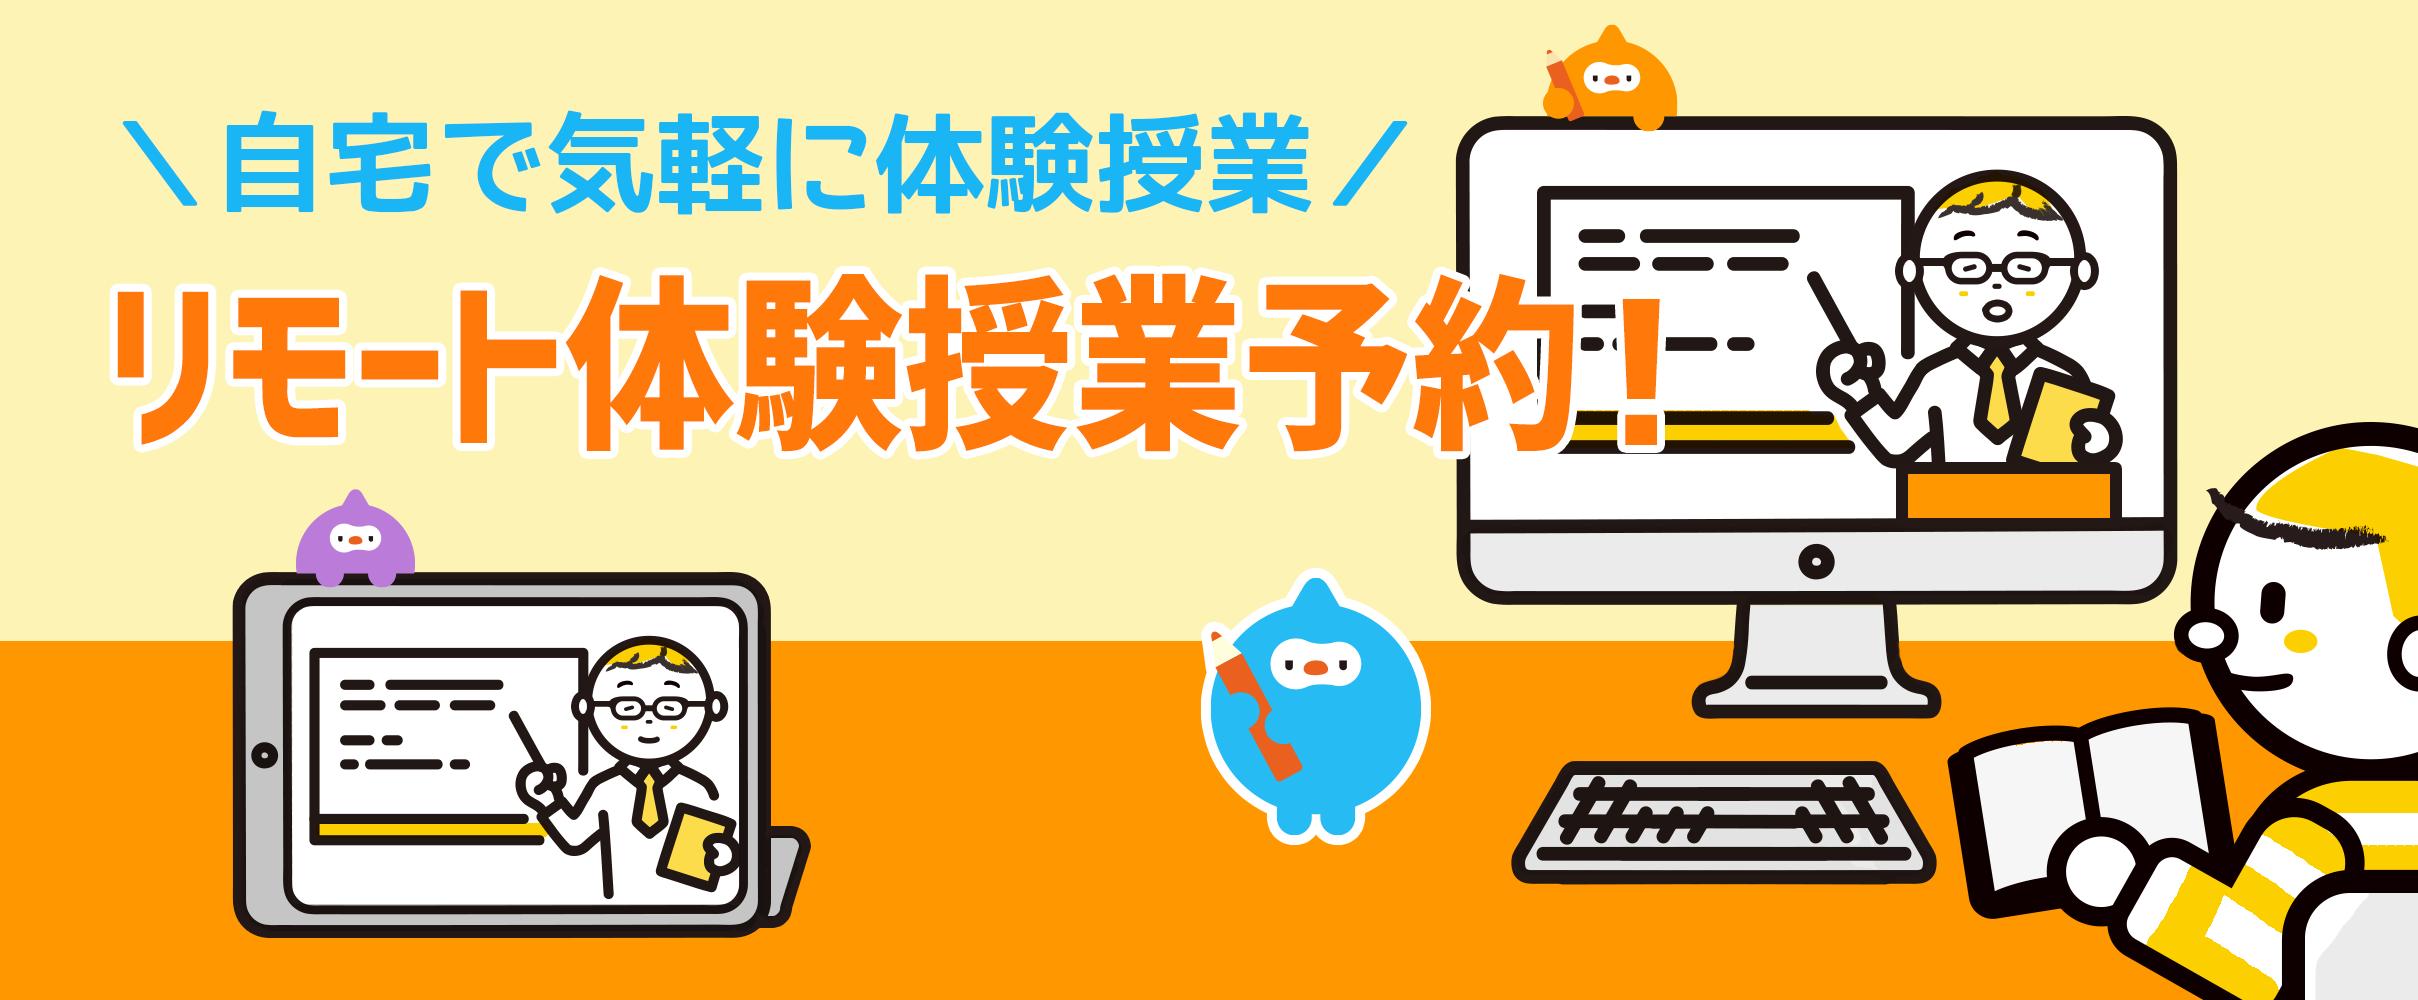 学習塾・通信教育の検索サイト『塾ログ』が「リモート体験授業予約」のサービス提供を開始!